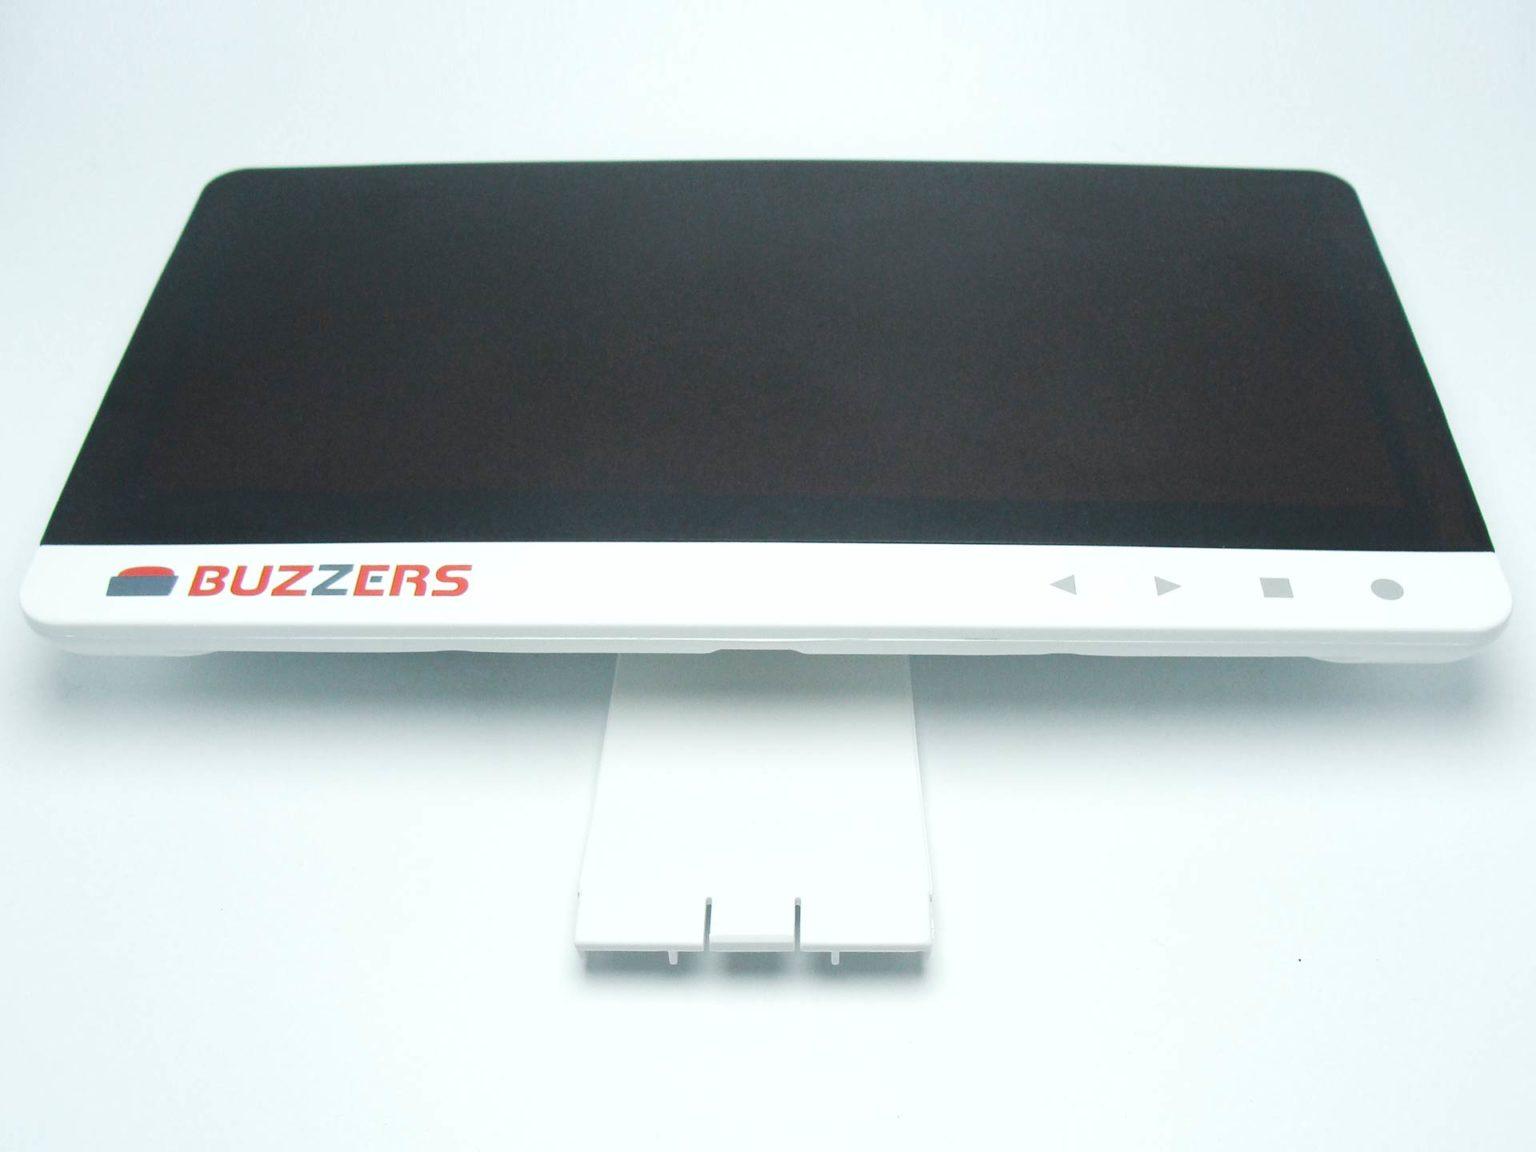 buzzers-compteurs-quizbox